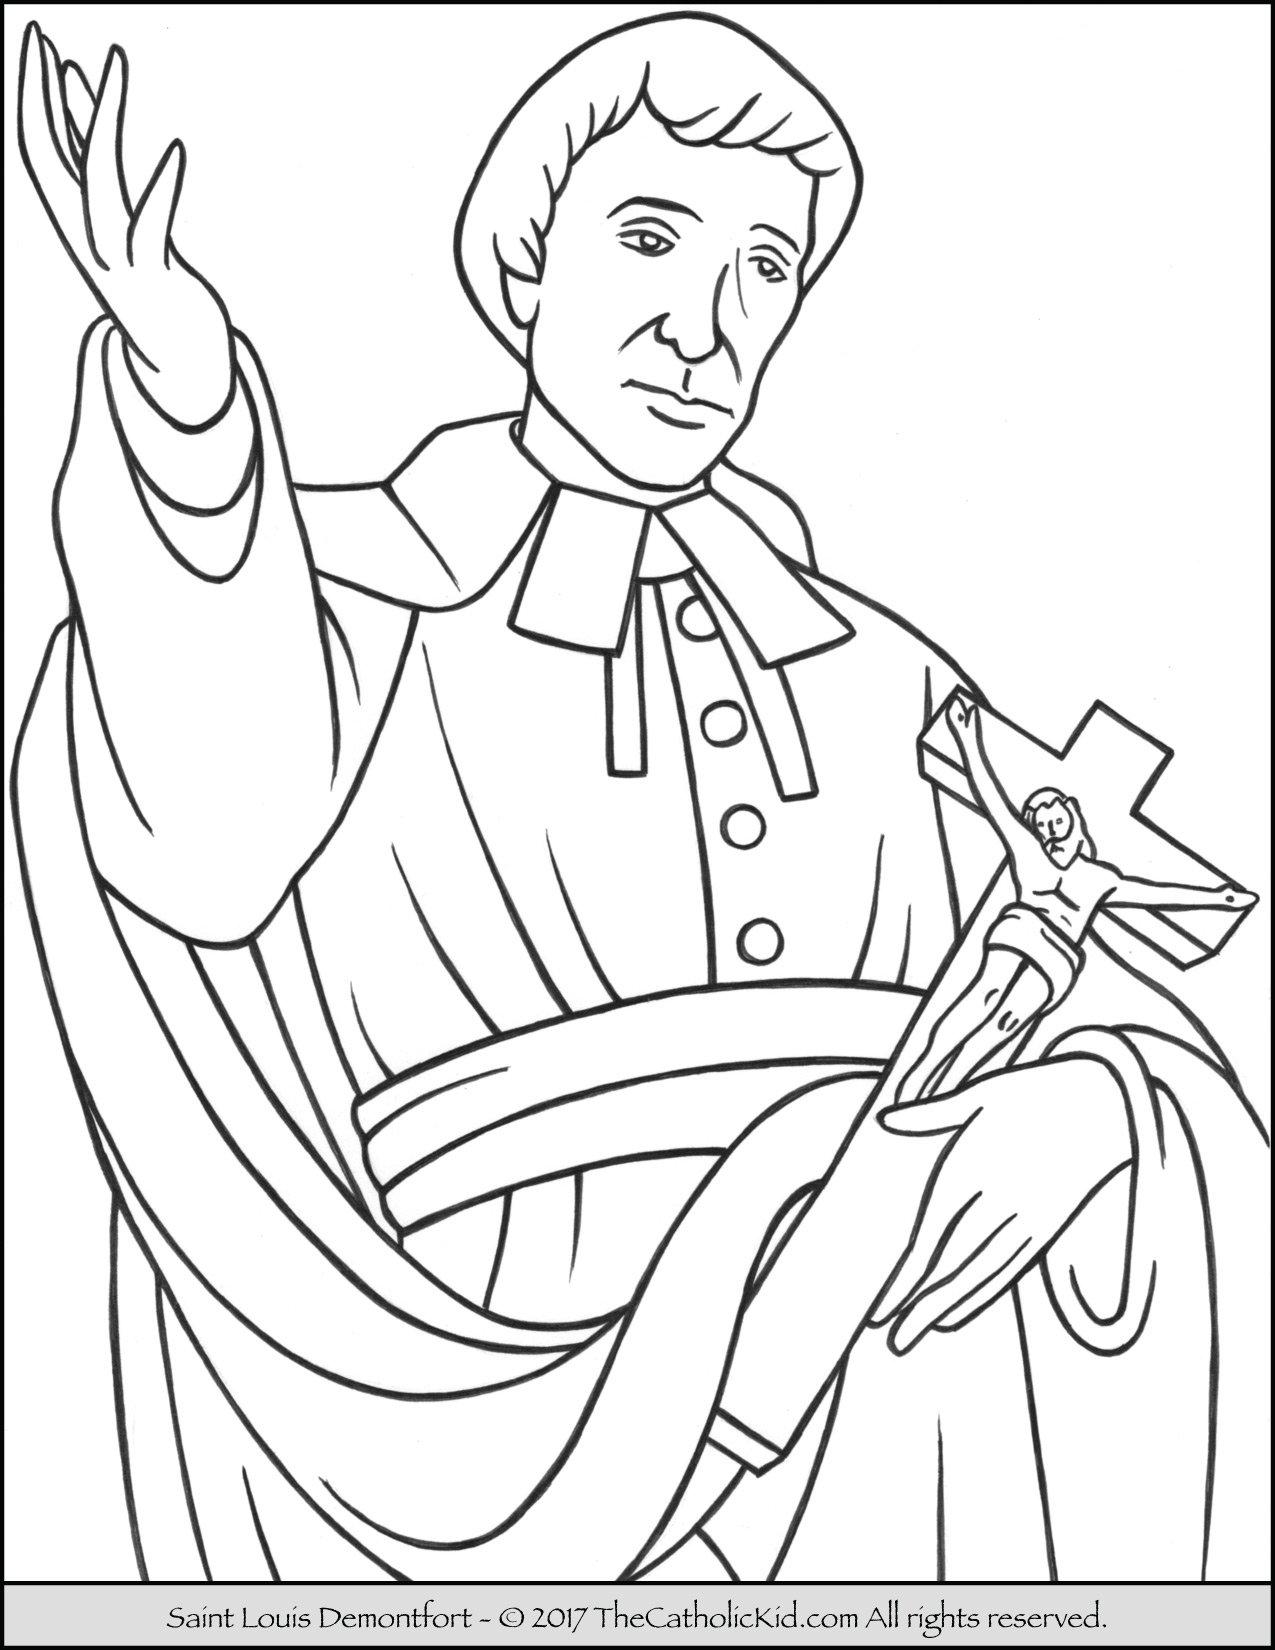 Saint Louis Demontfort Coloring Page